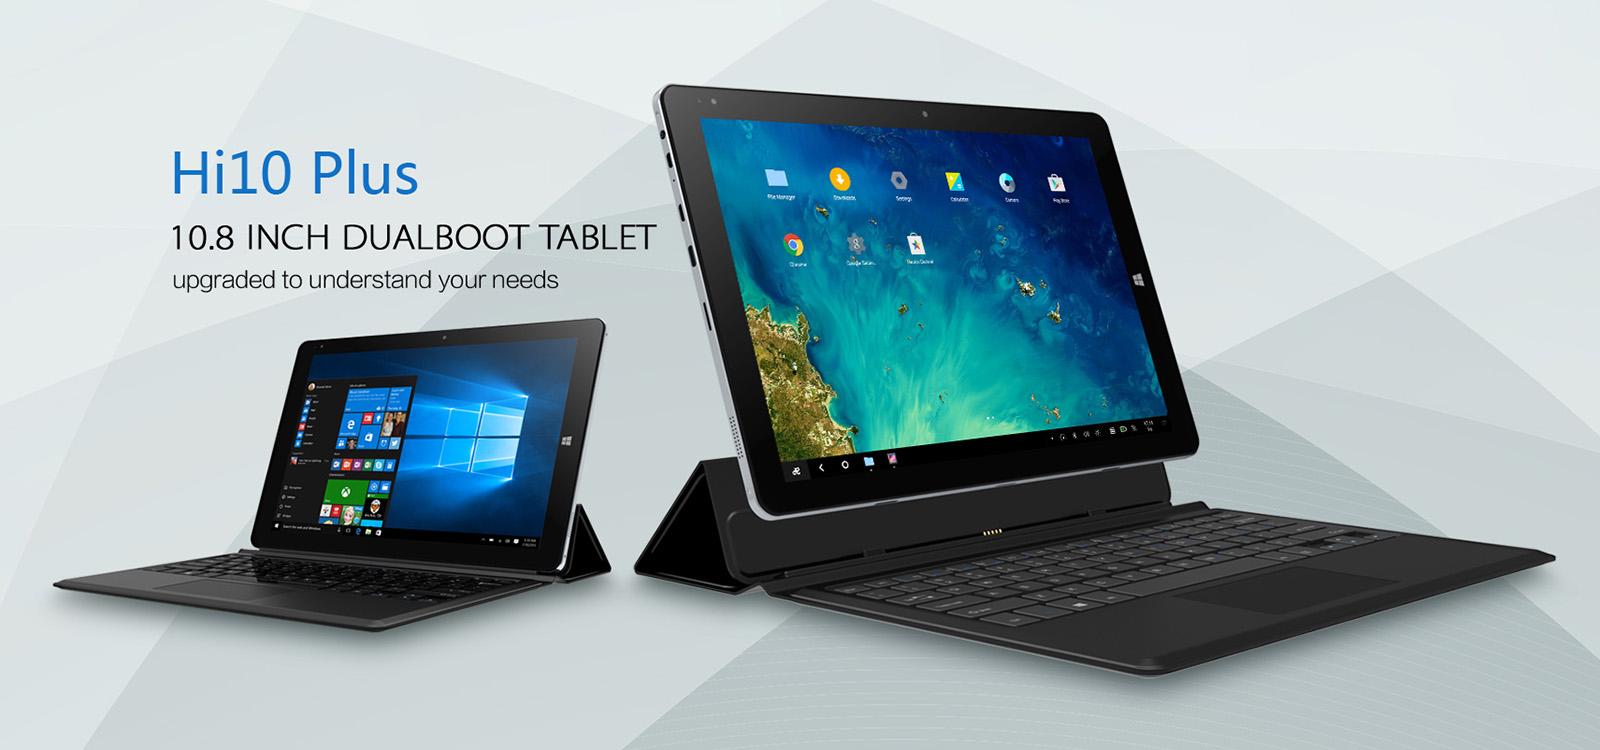 mi-notebook-air-coupon-chuwi-hi10-plus